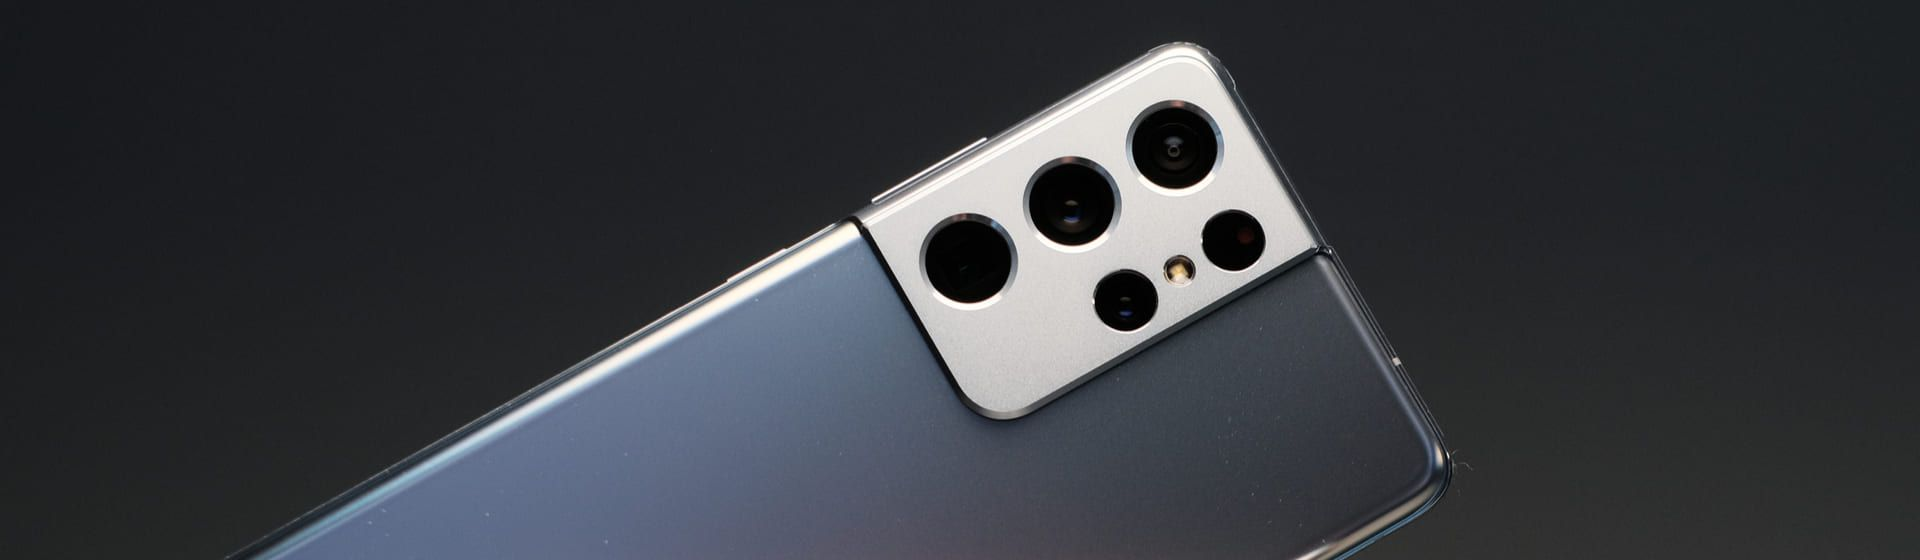 Galaxy S: celulares da linha da Samsung para comprar em 2021